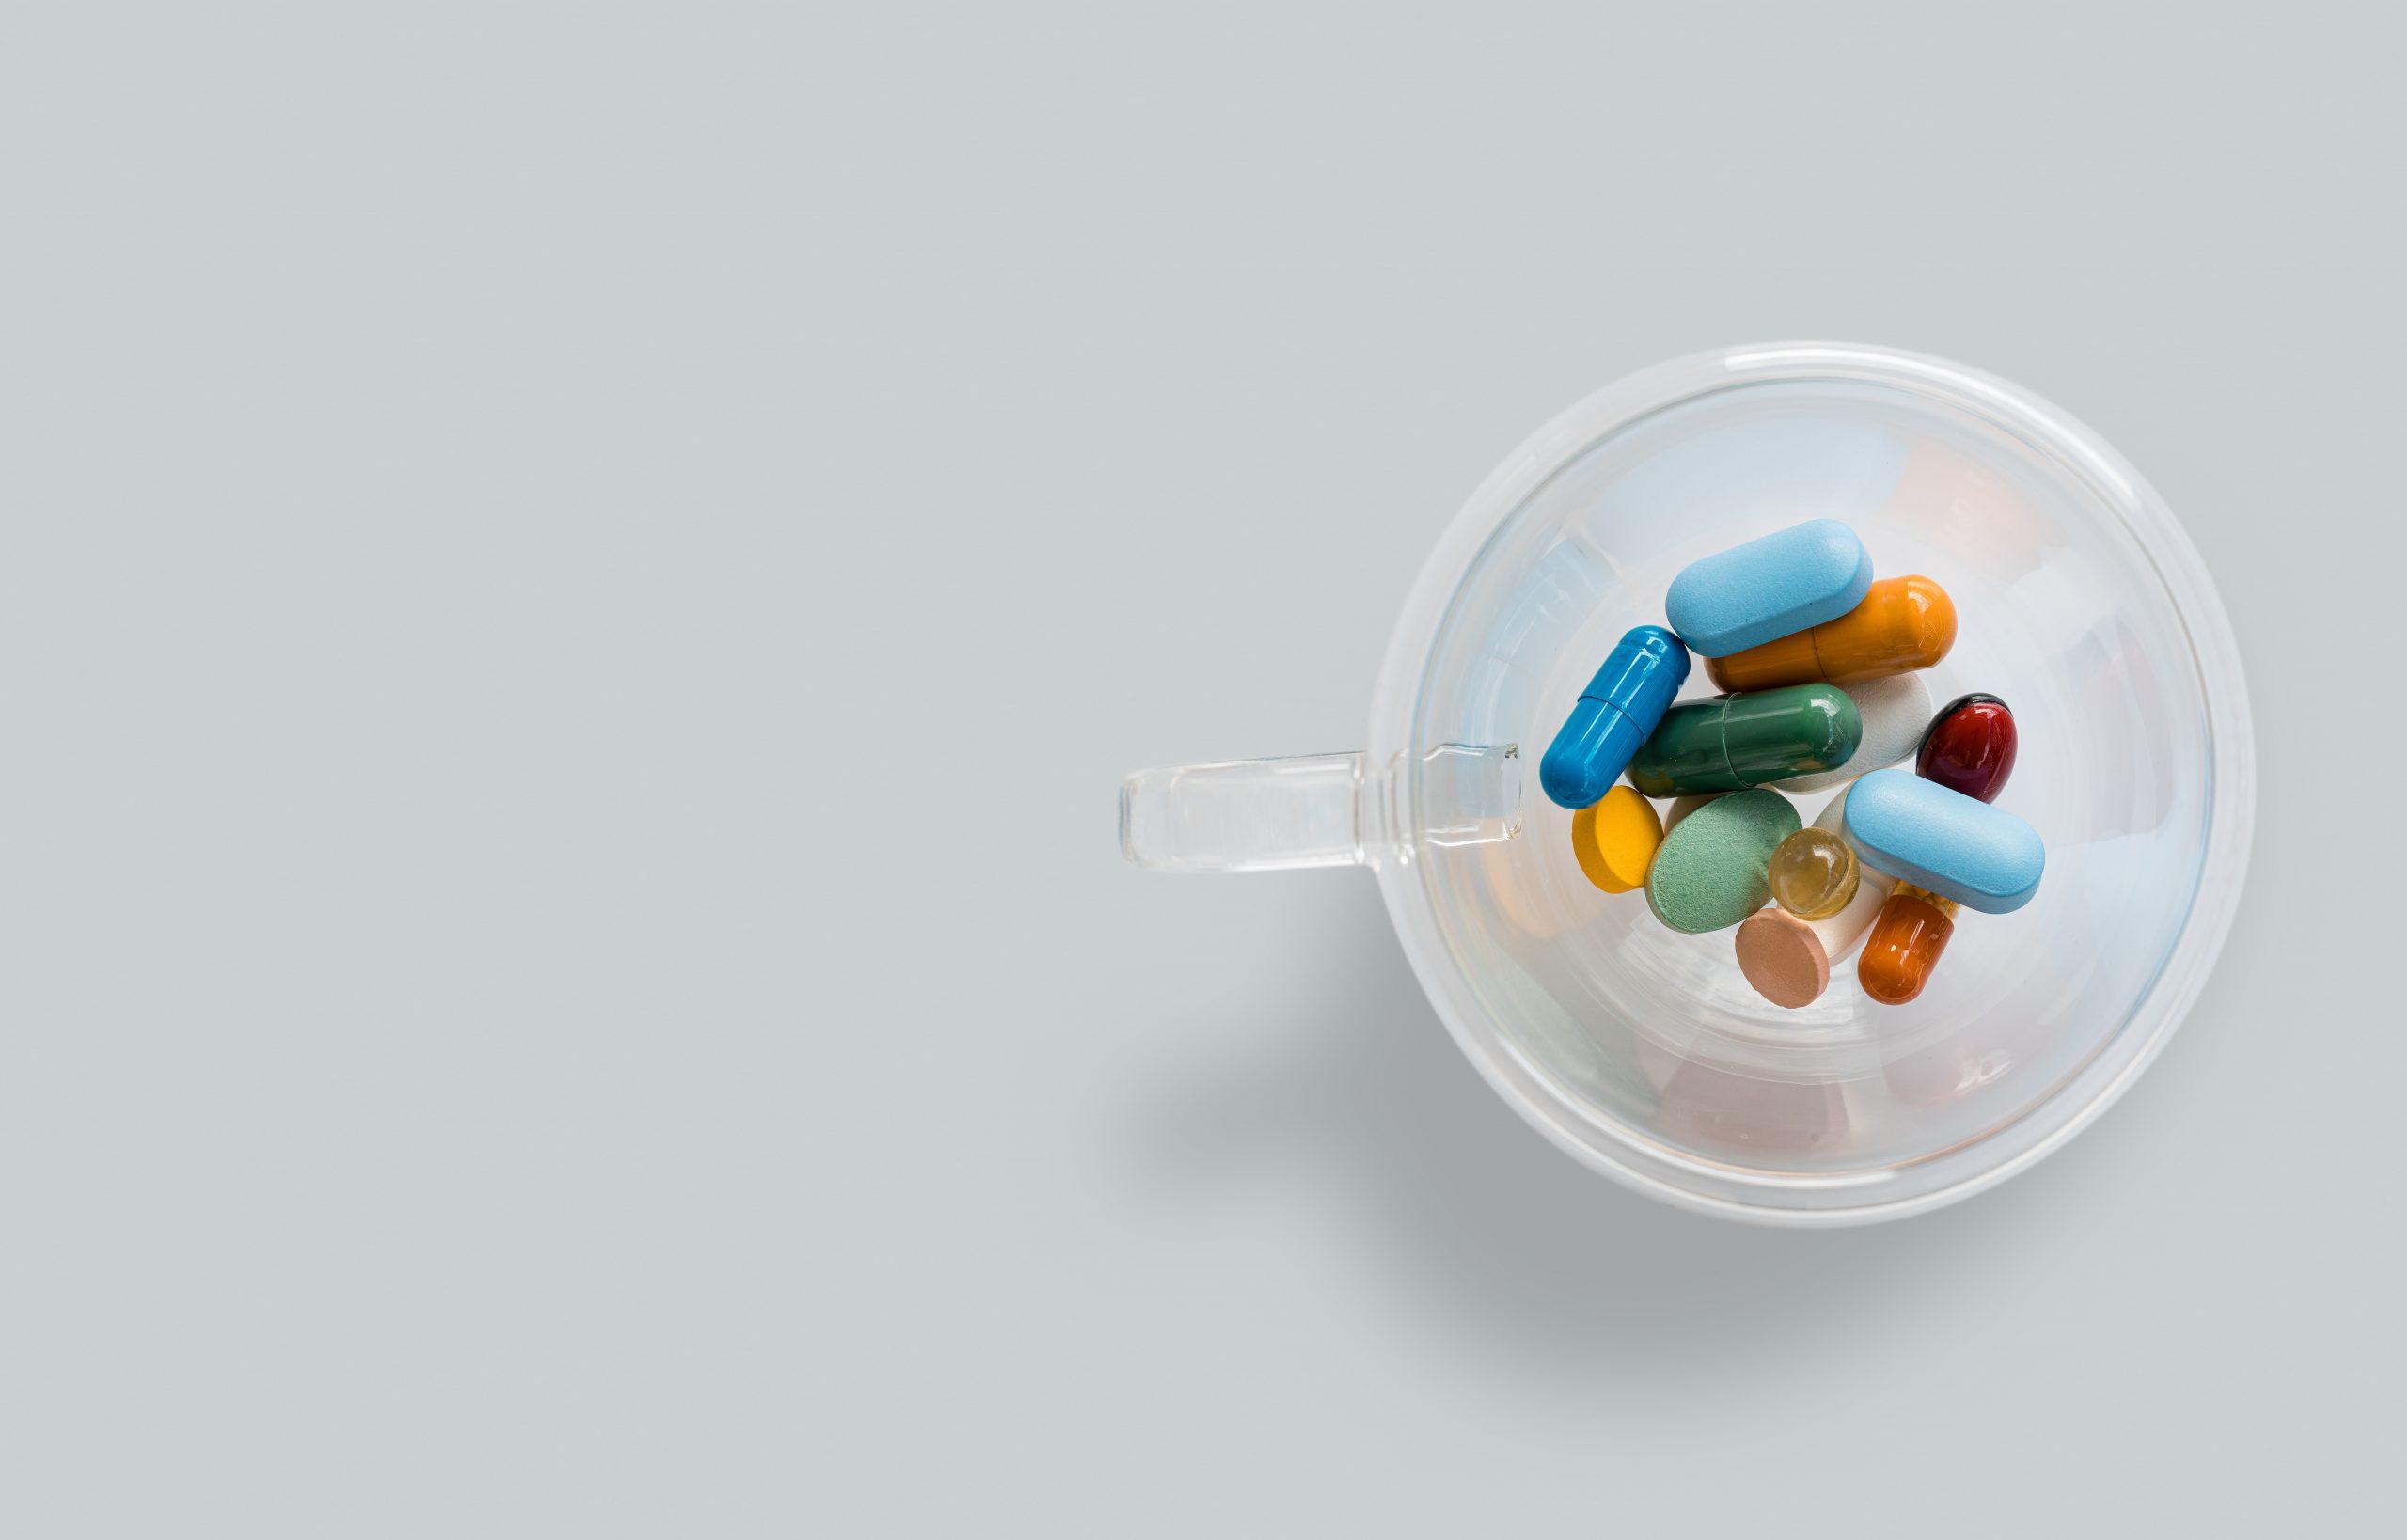 vitamin-d3-k2-magnesium-test